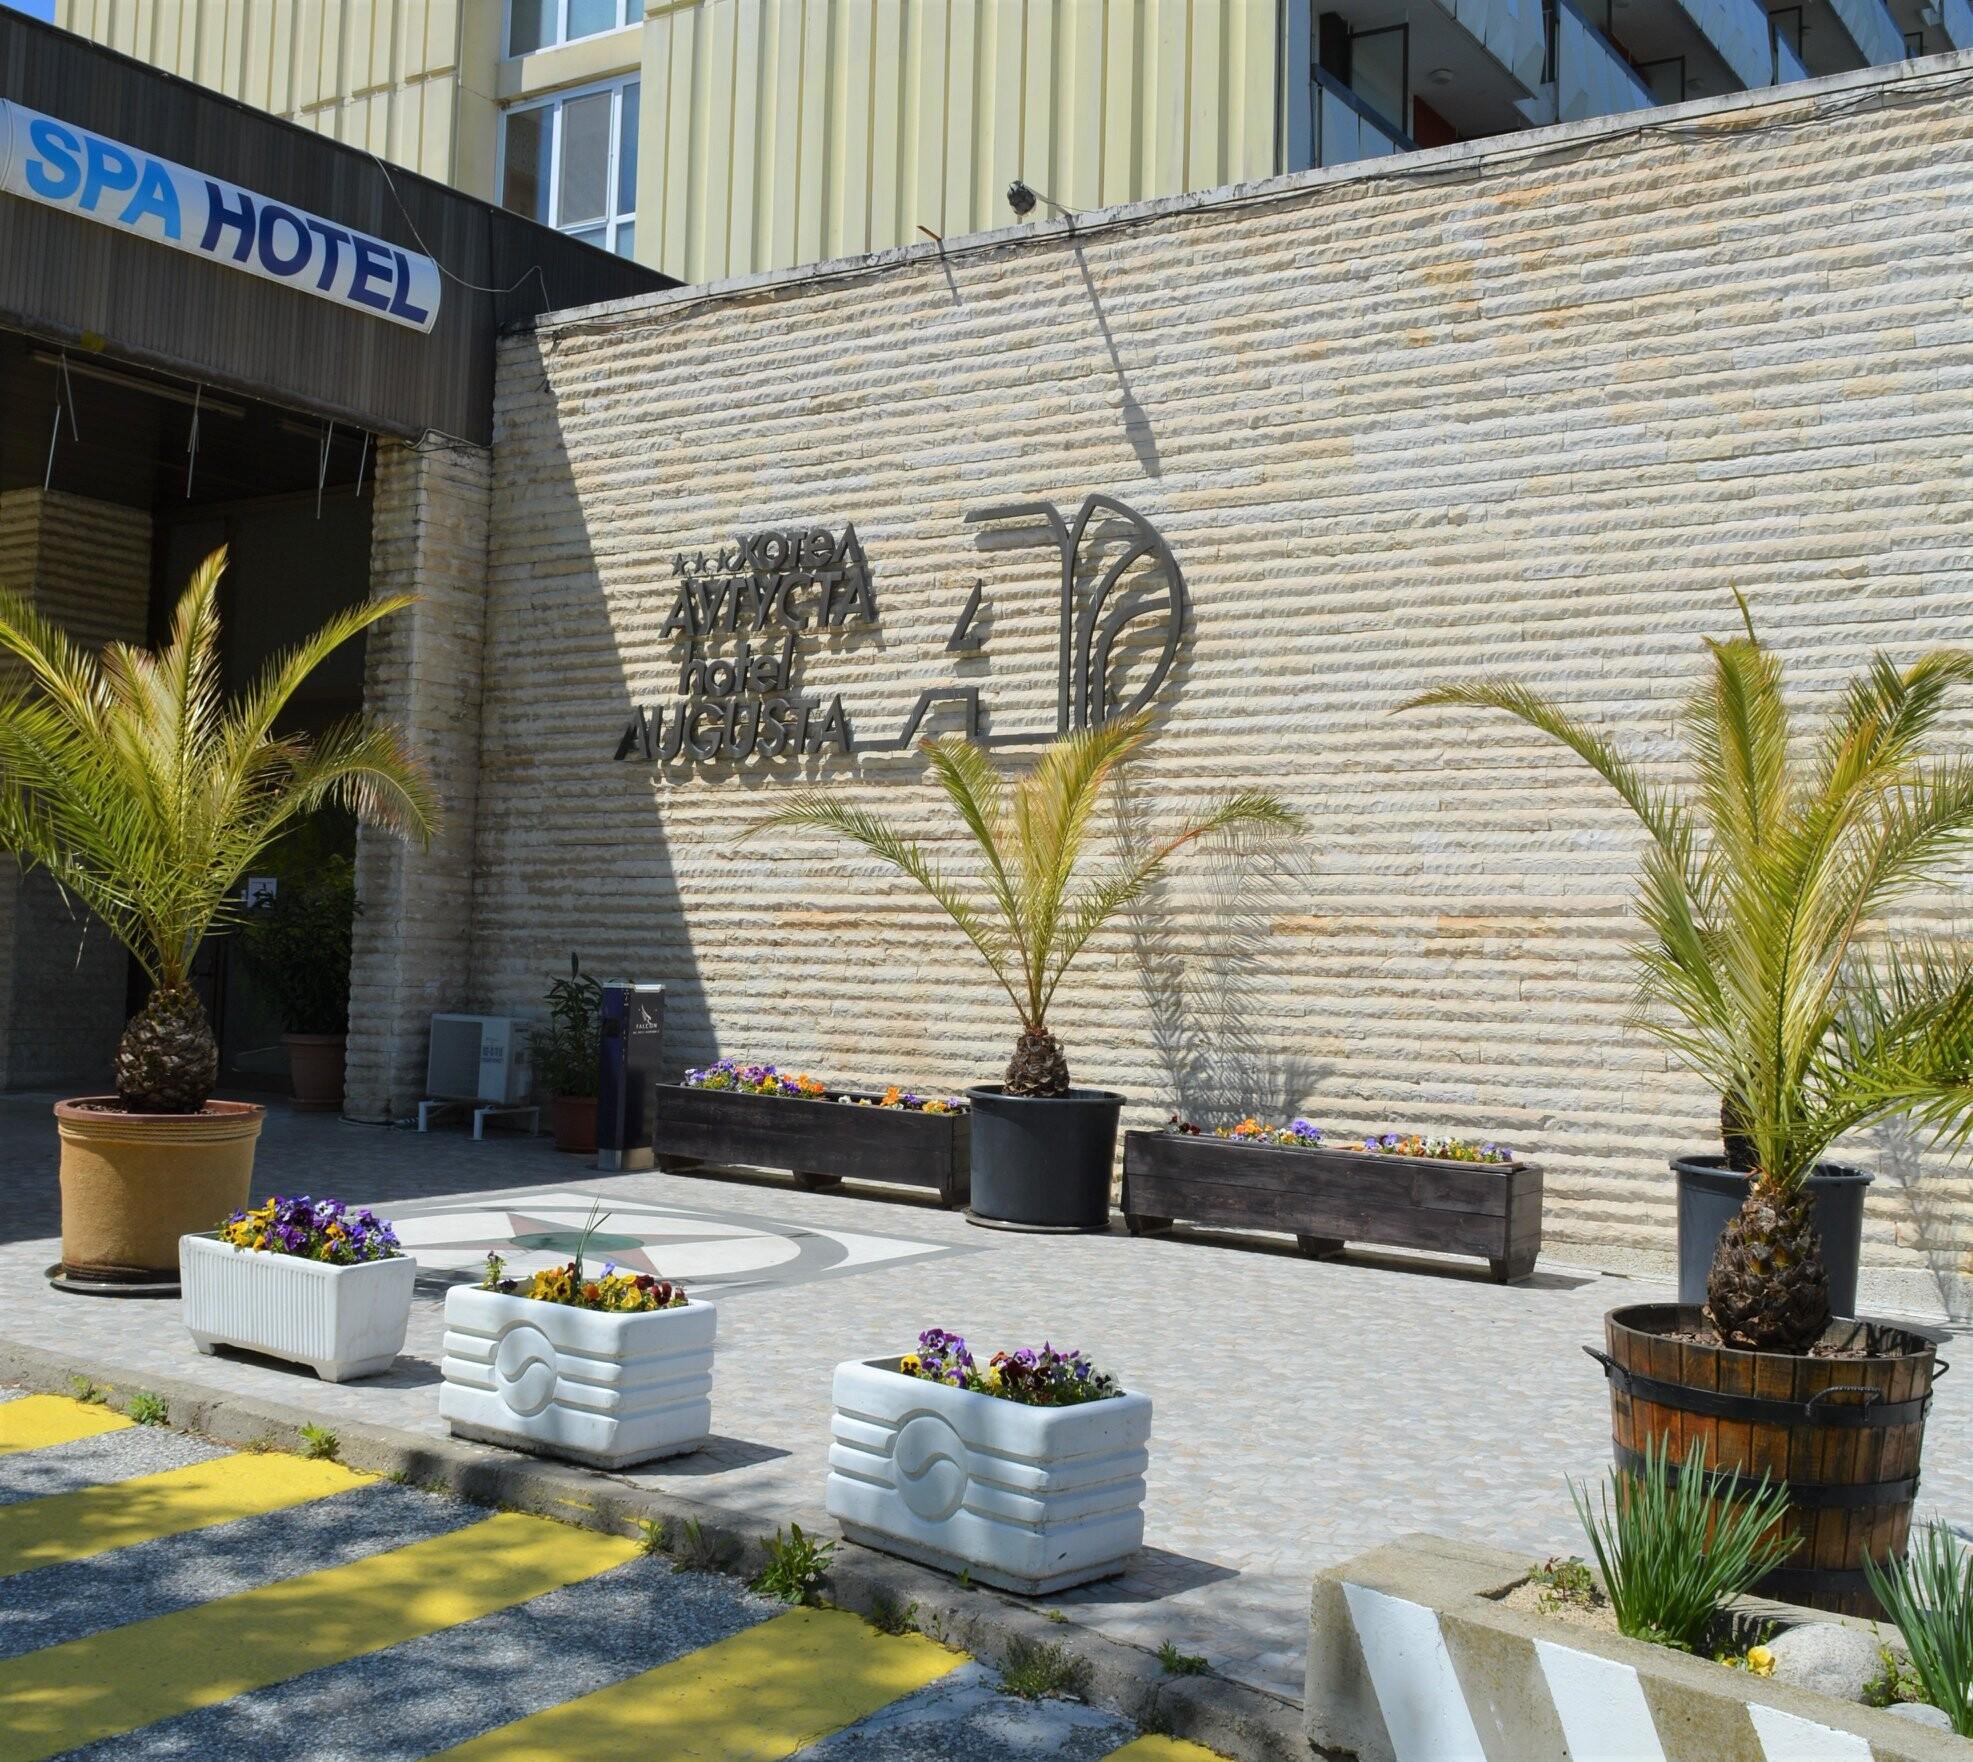 Спа Хотел Аугуста - общ изглед